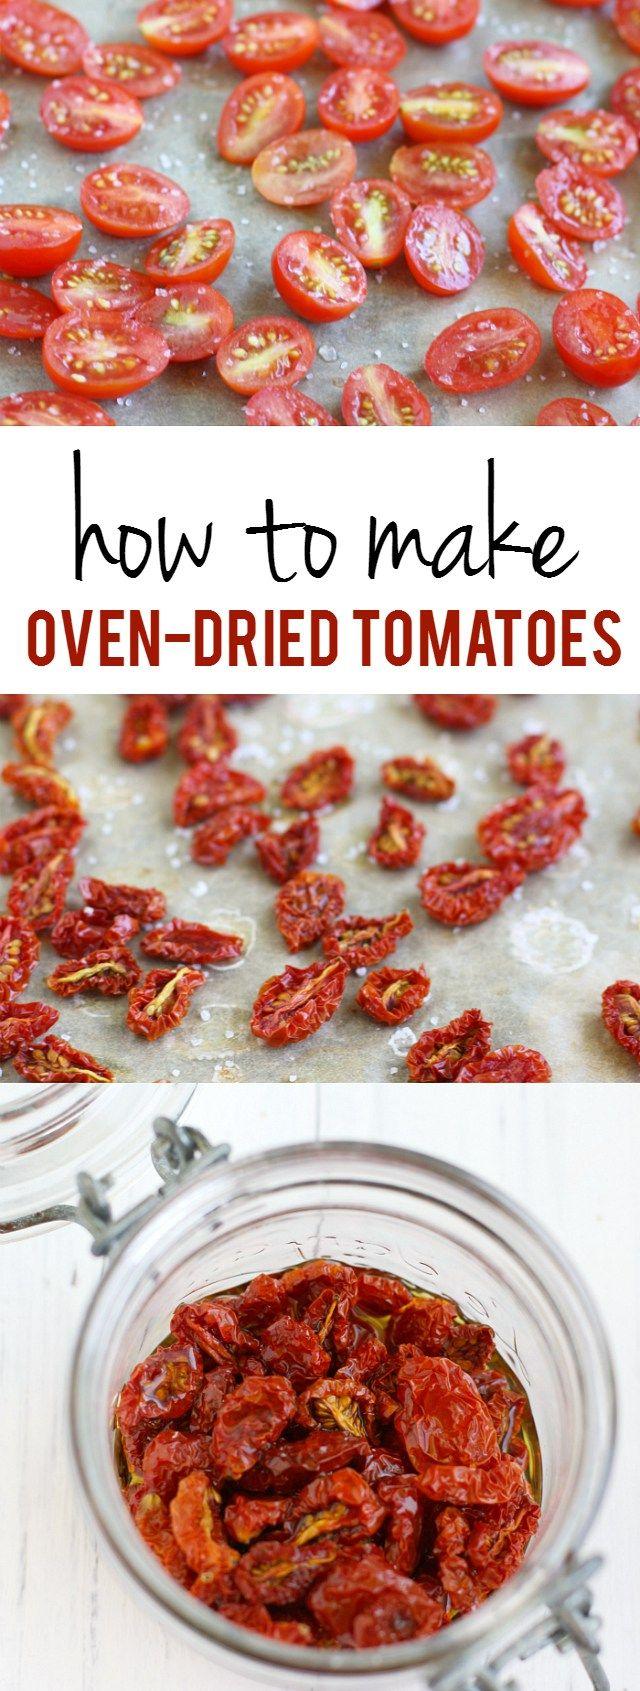 Comment faire des tomates séchées au four.  Elles sont si faciles à faire et vraiment ajouter beaucoup de saveur à vos recettes!  Un moyen idéal pour utiliser toutes vos tomates de jardin supplémentaires!  #jardin